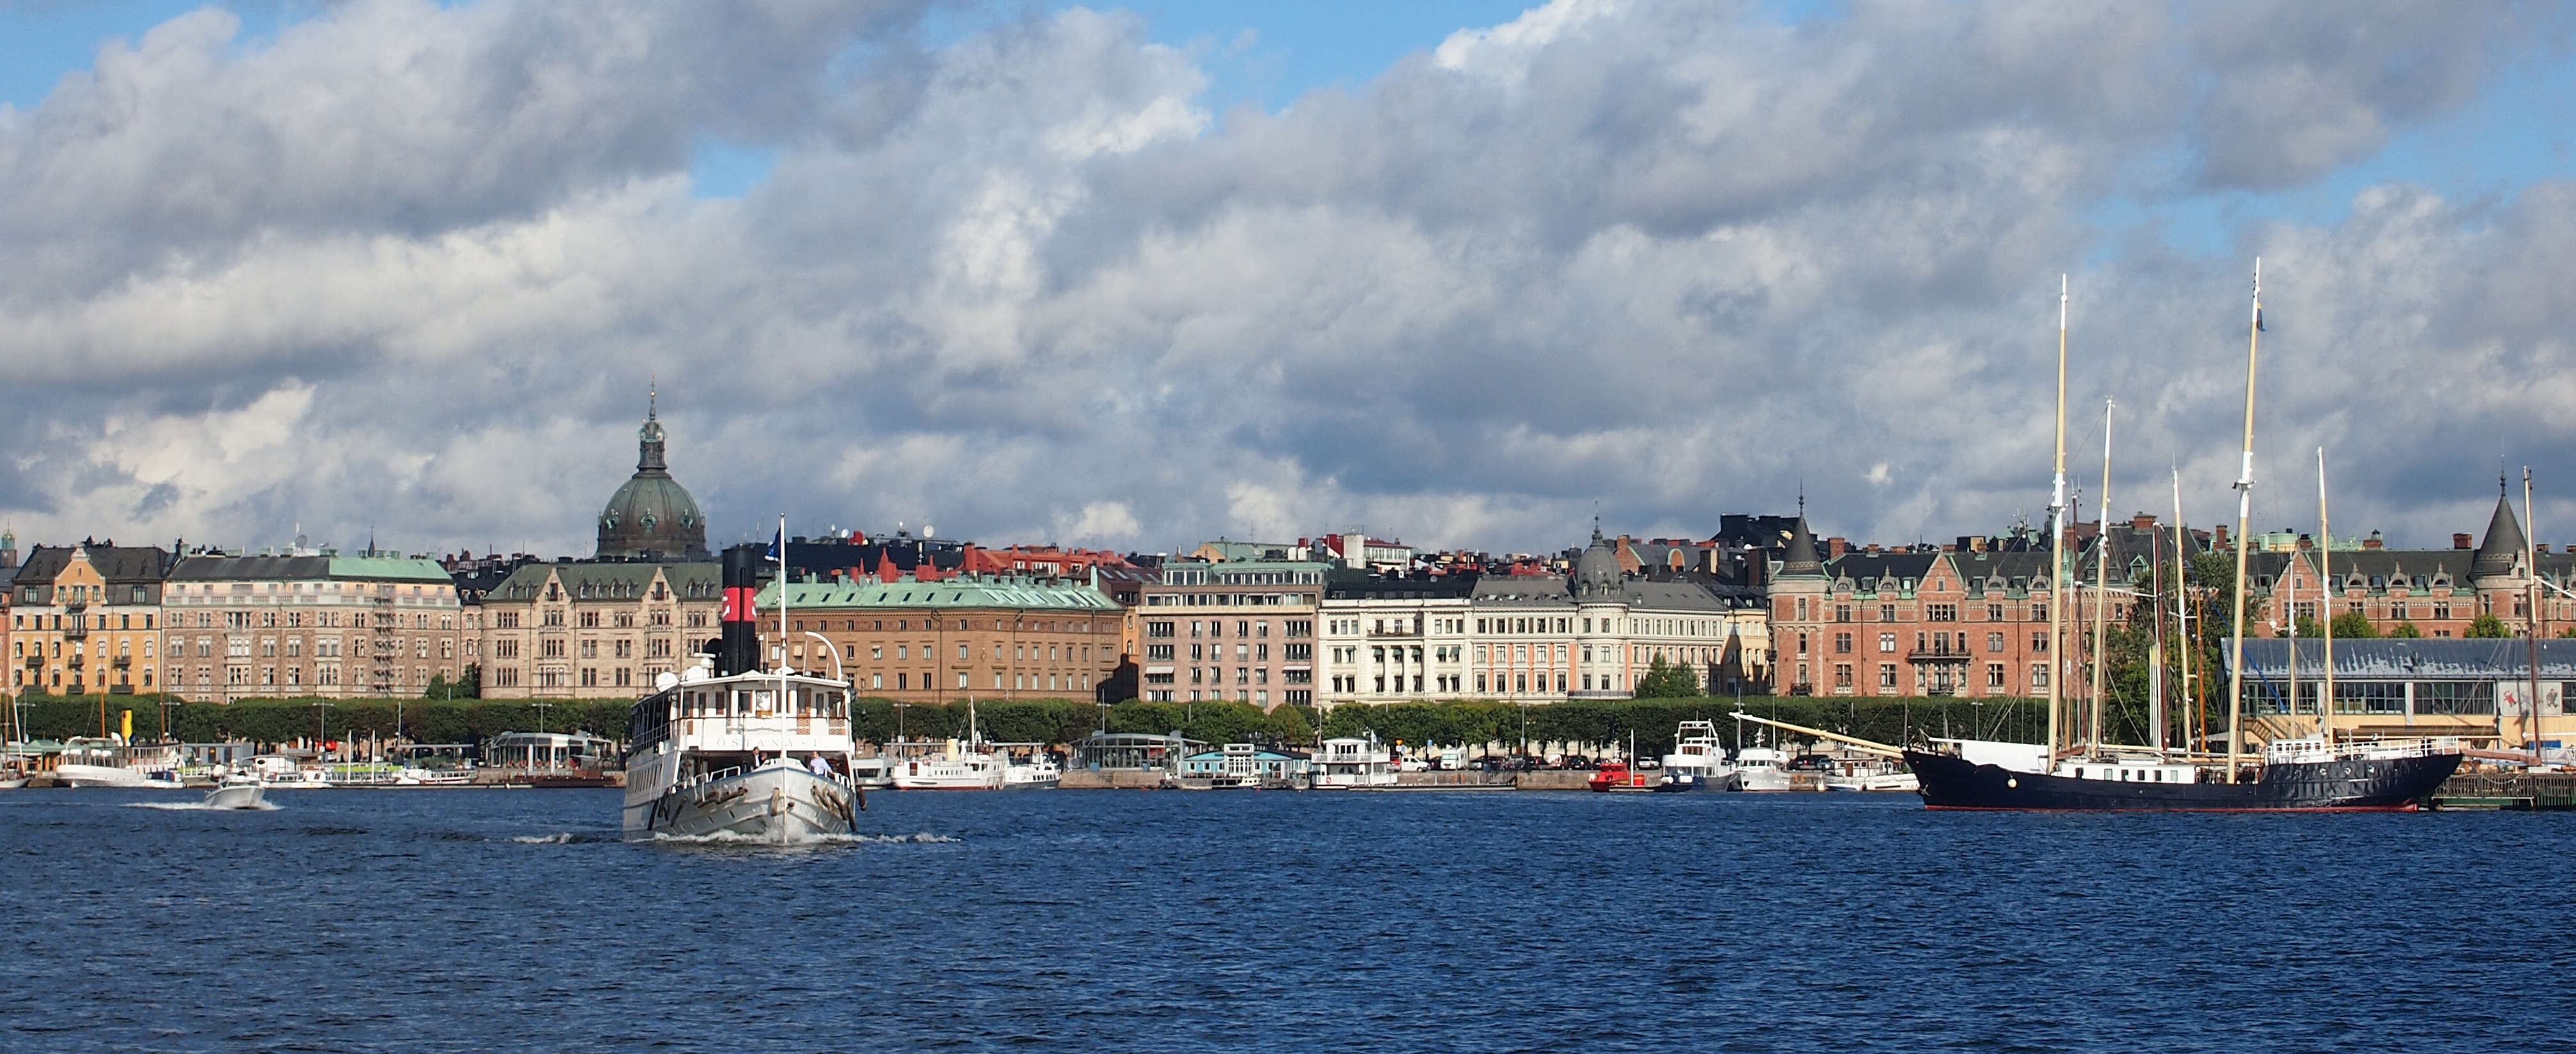 Стокгольм. Фото: Валерий Поташов